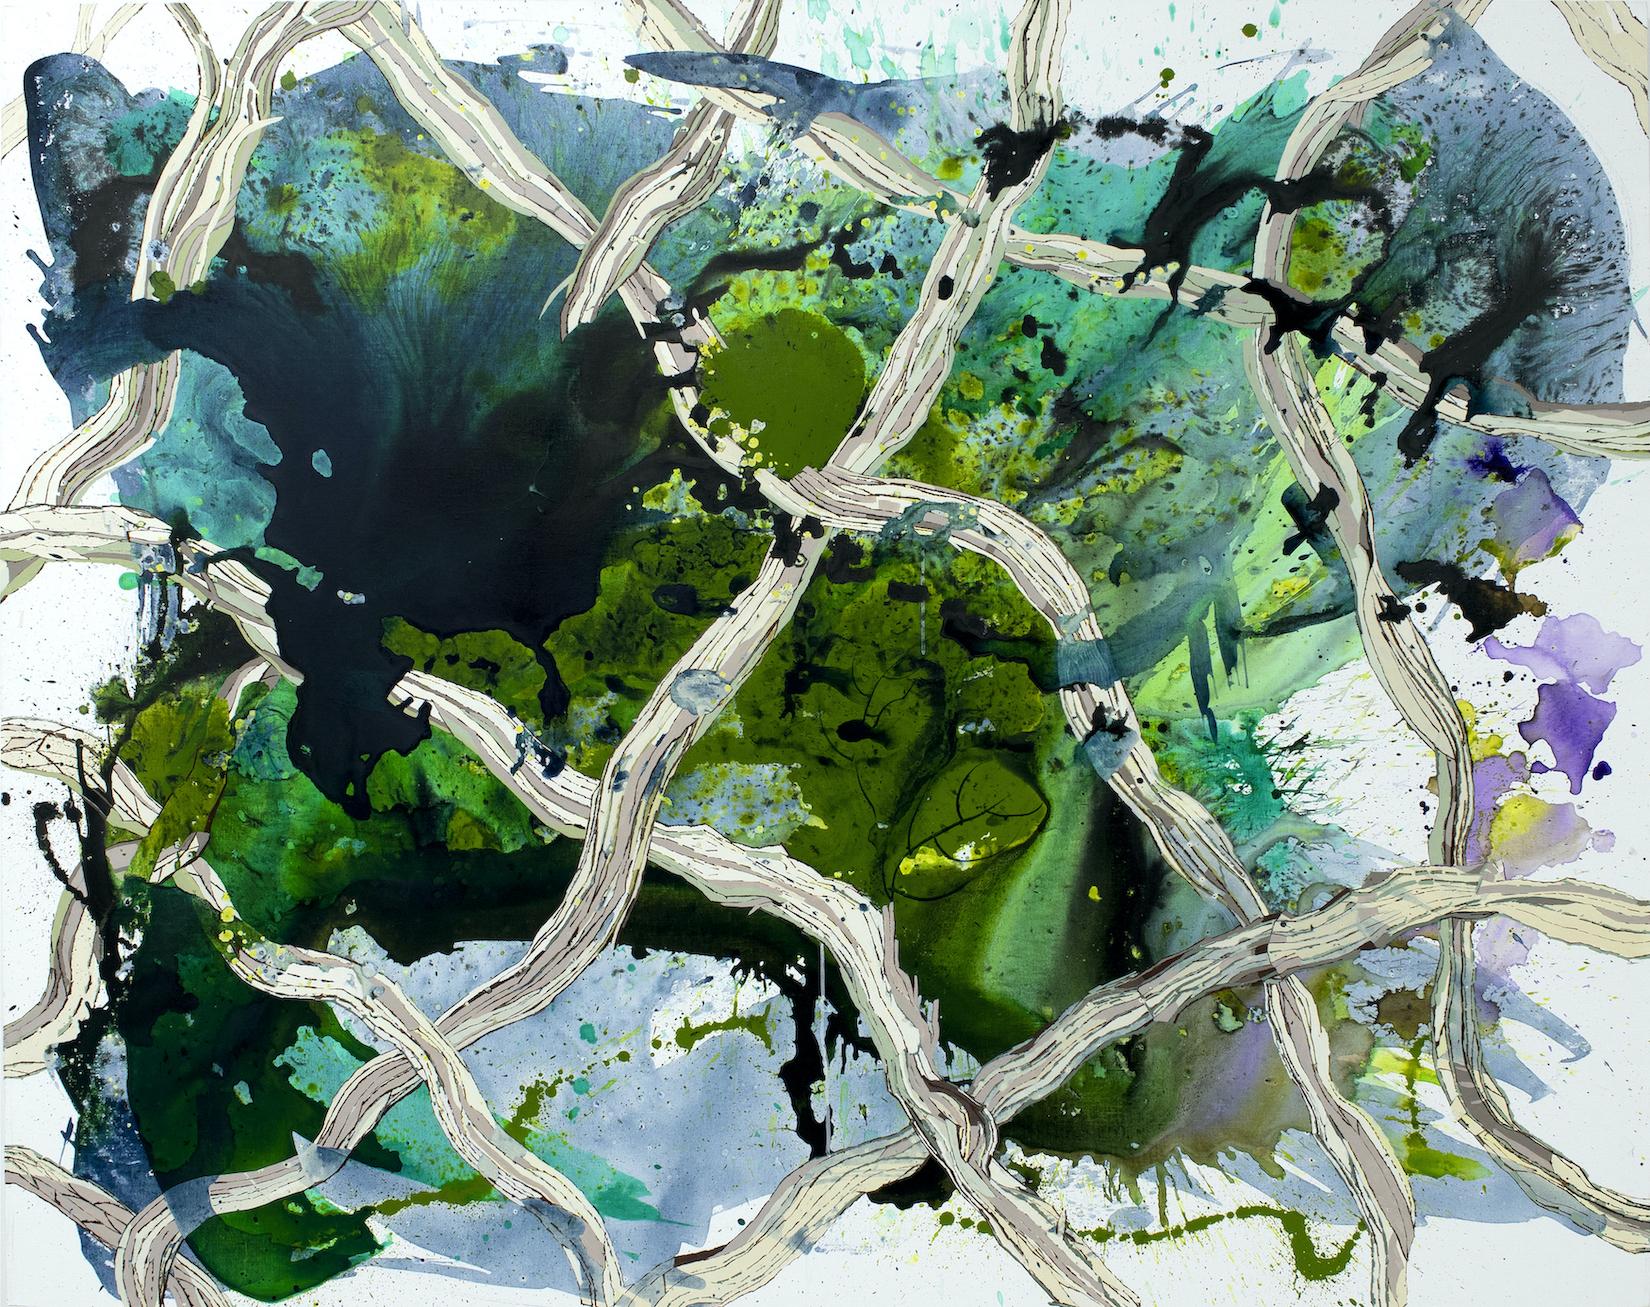 Elisabeth Condon, Swamp Lattice, 2021